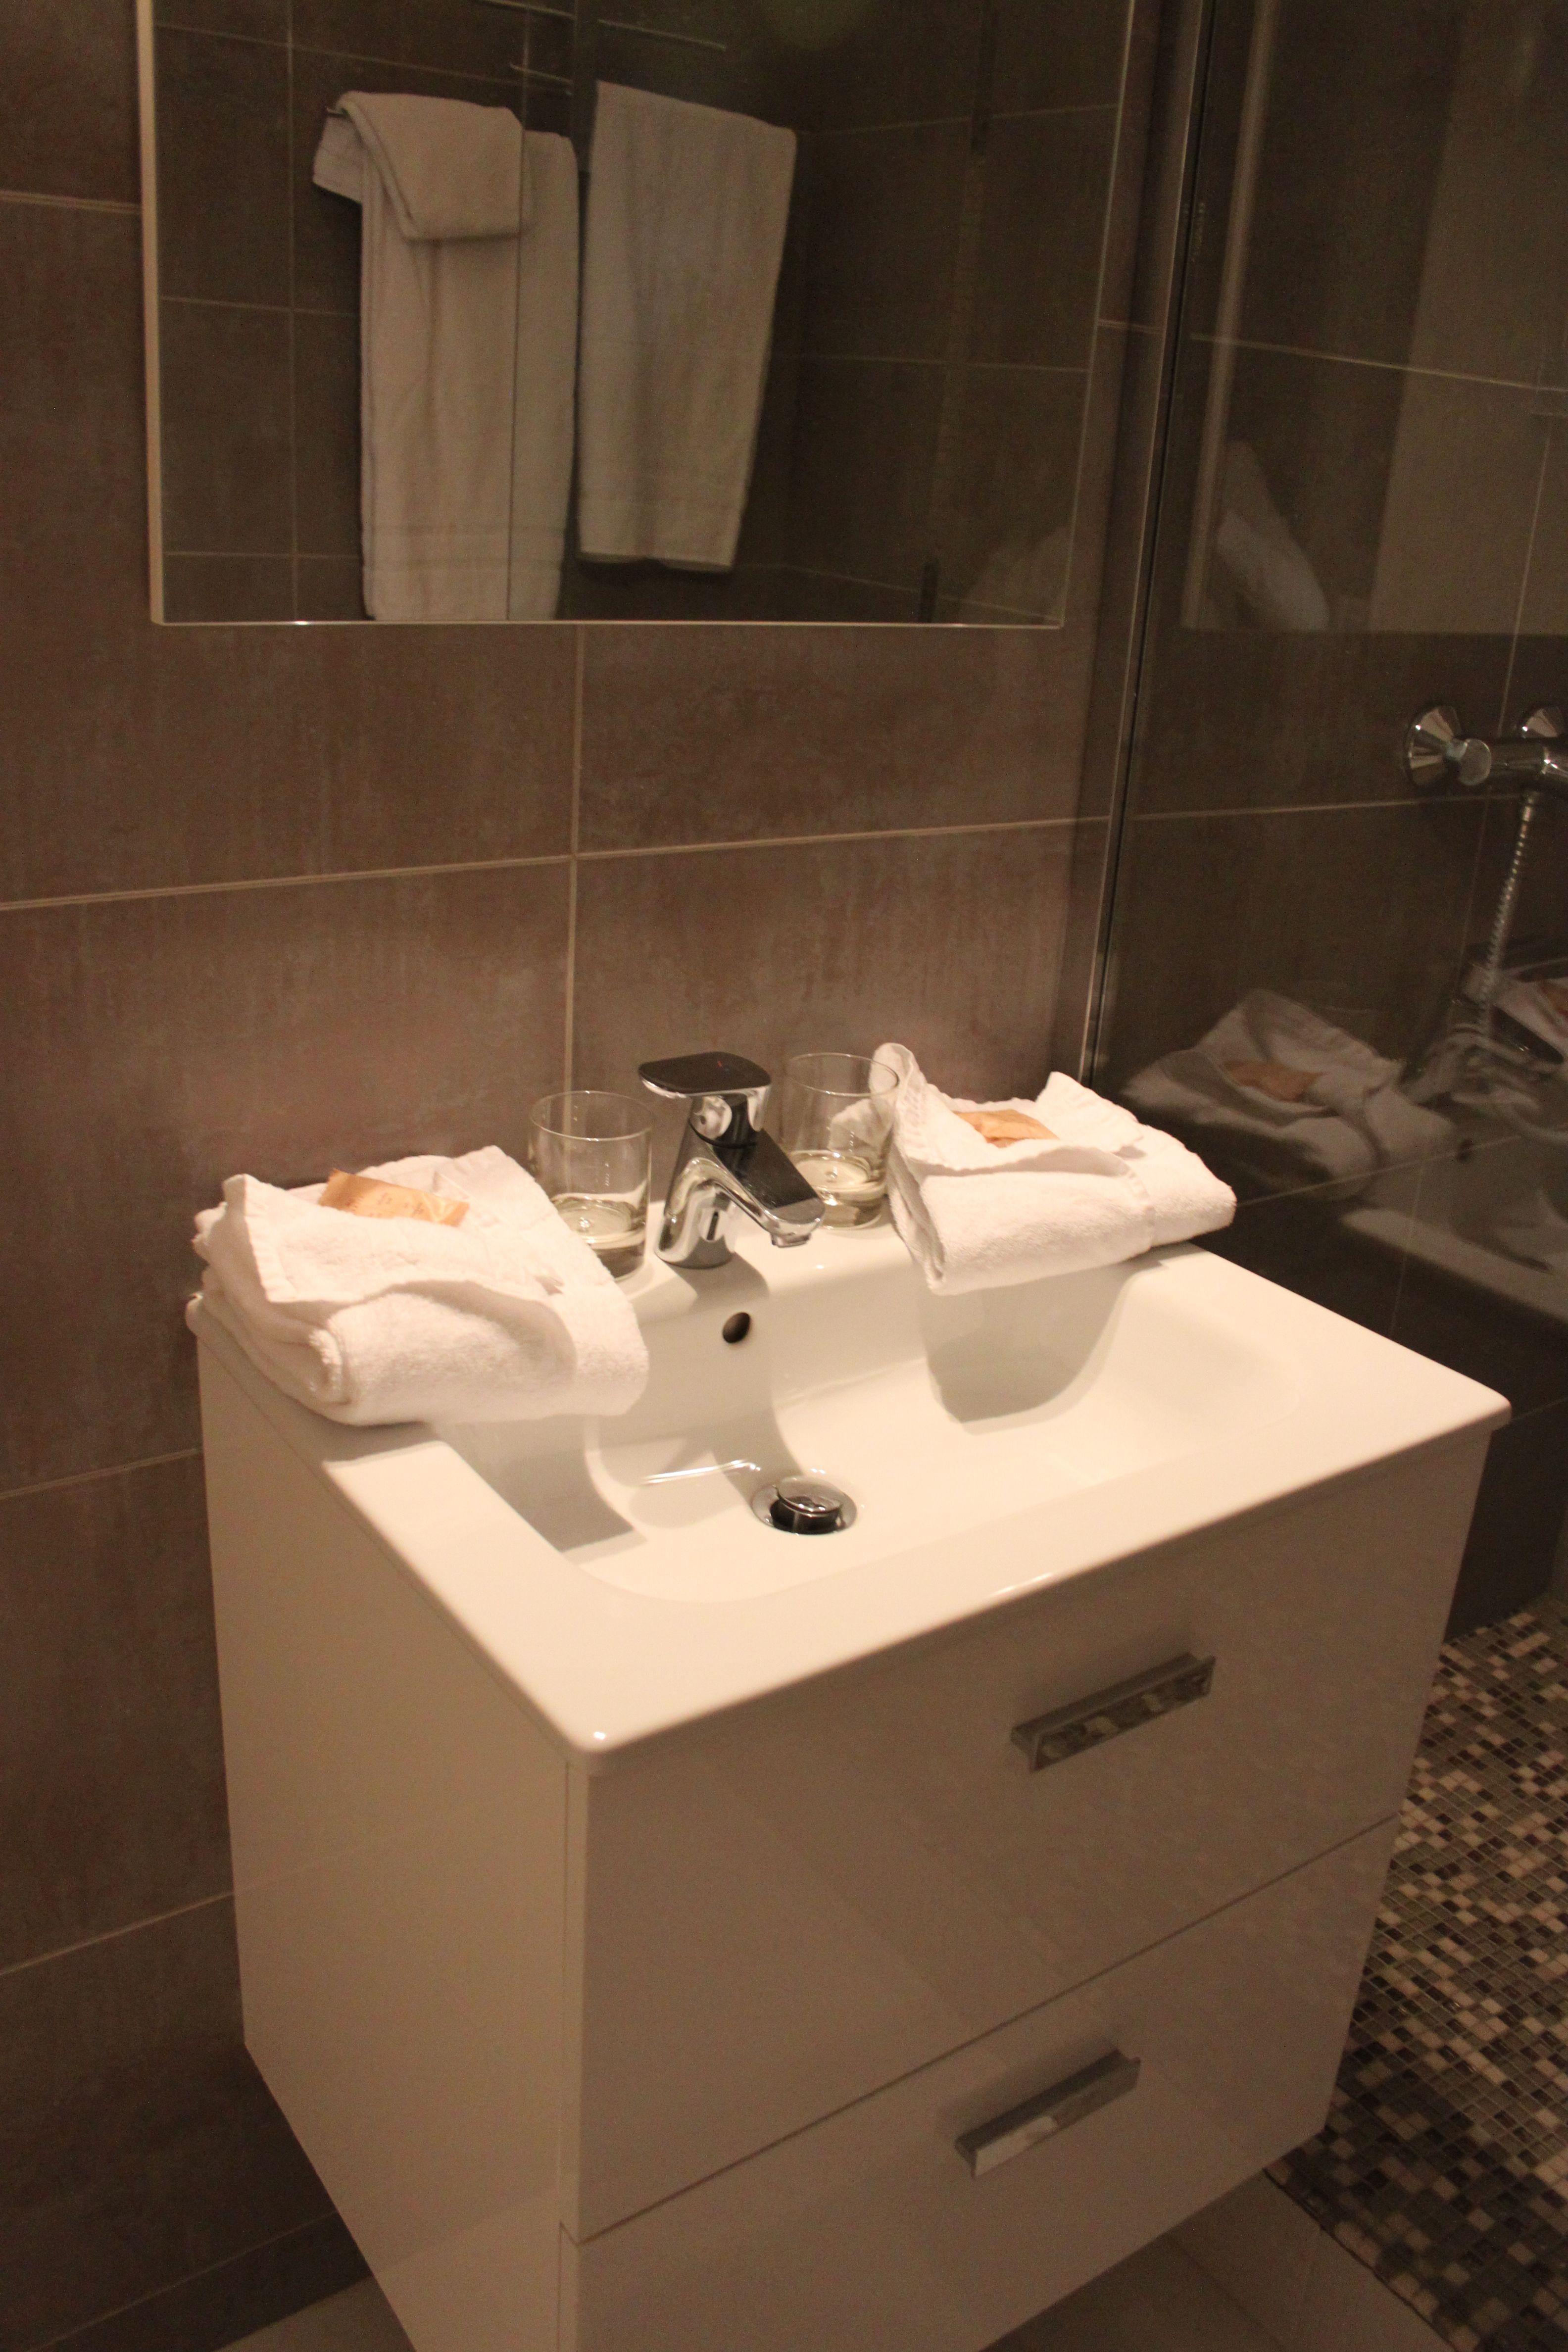 bagno con lavabo stanza 5 hotel Carolina a Cannes di #viaggiareapois